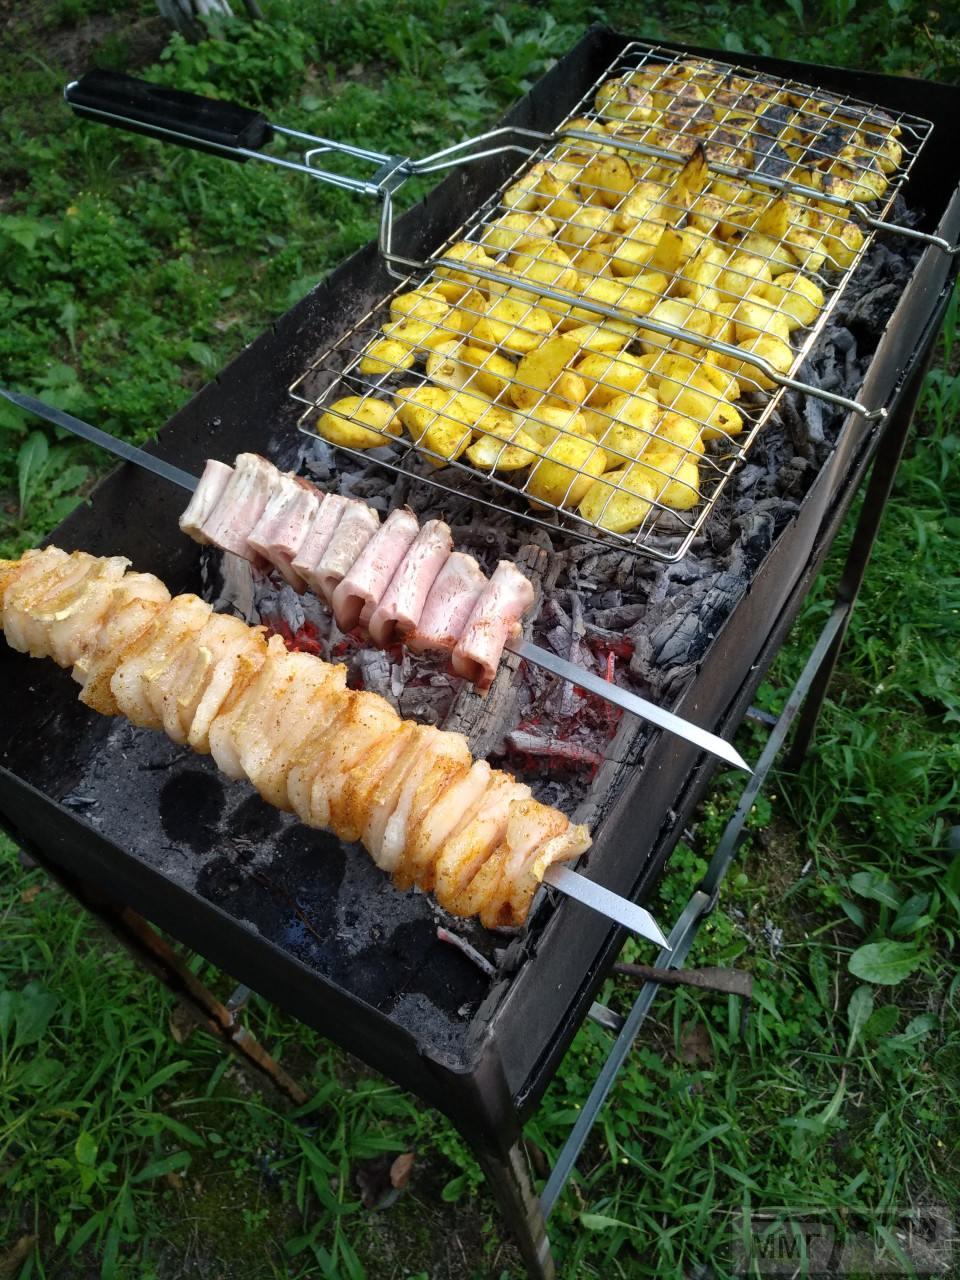 69693 - Закуски на огне (мангал, барбекю и т.д.) и кулинария вообще. Советы и рецепты.